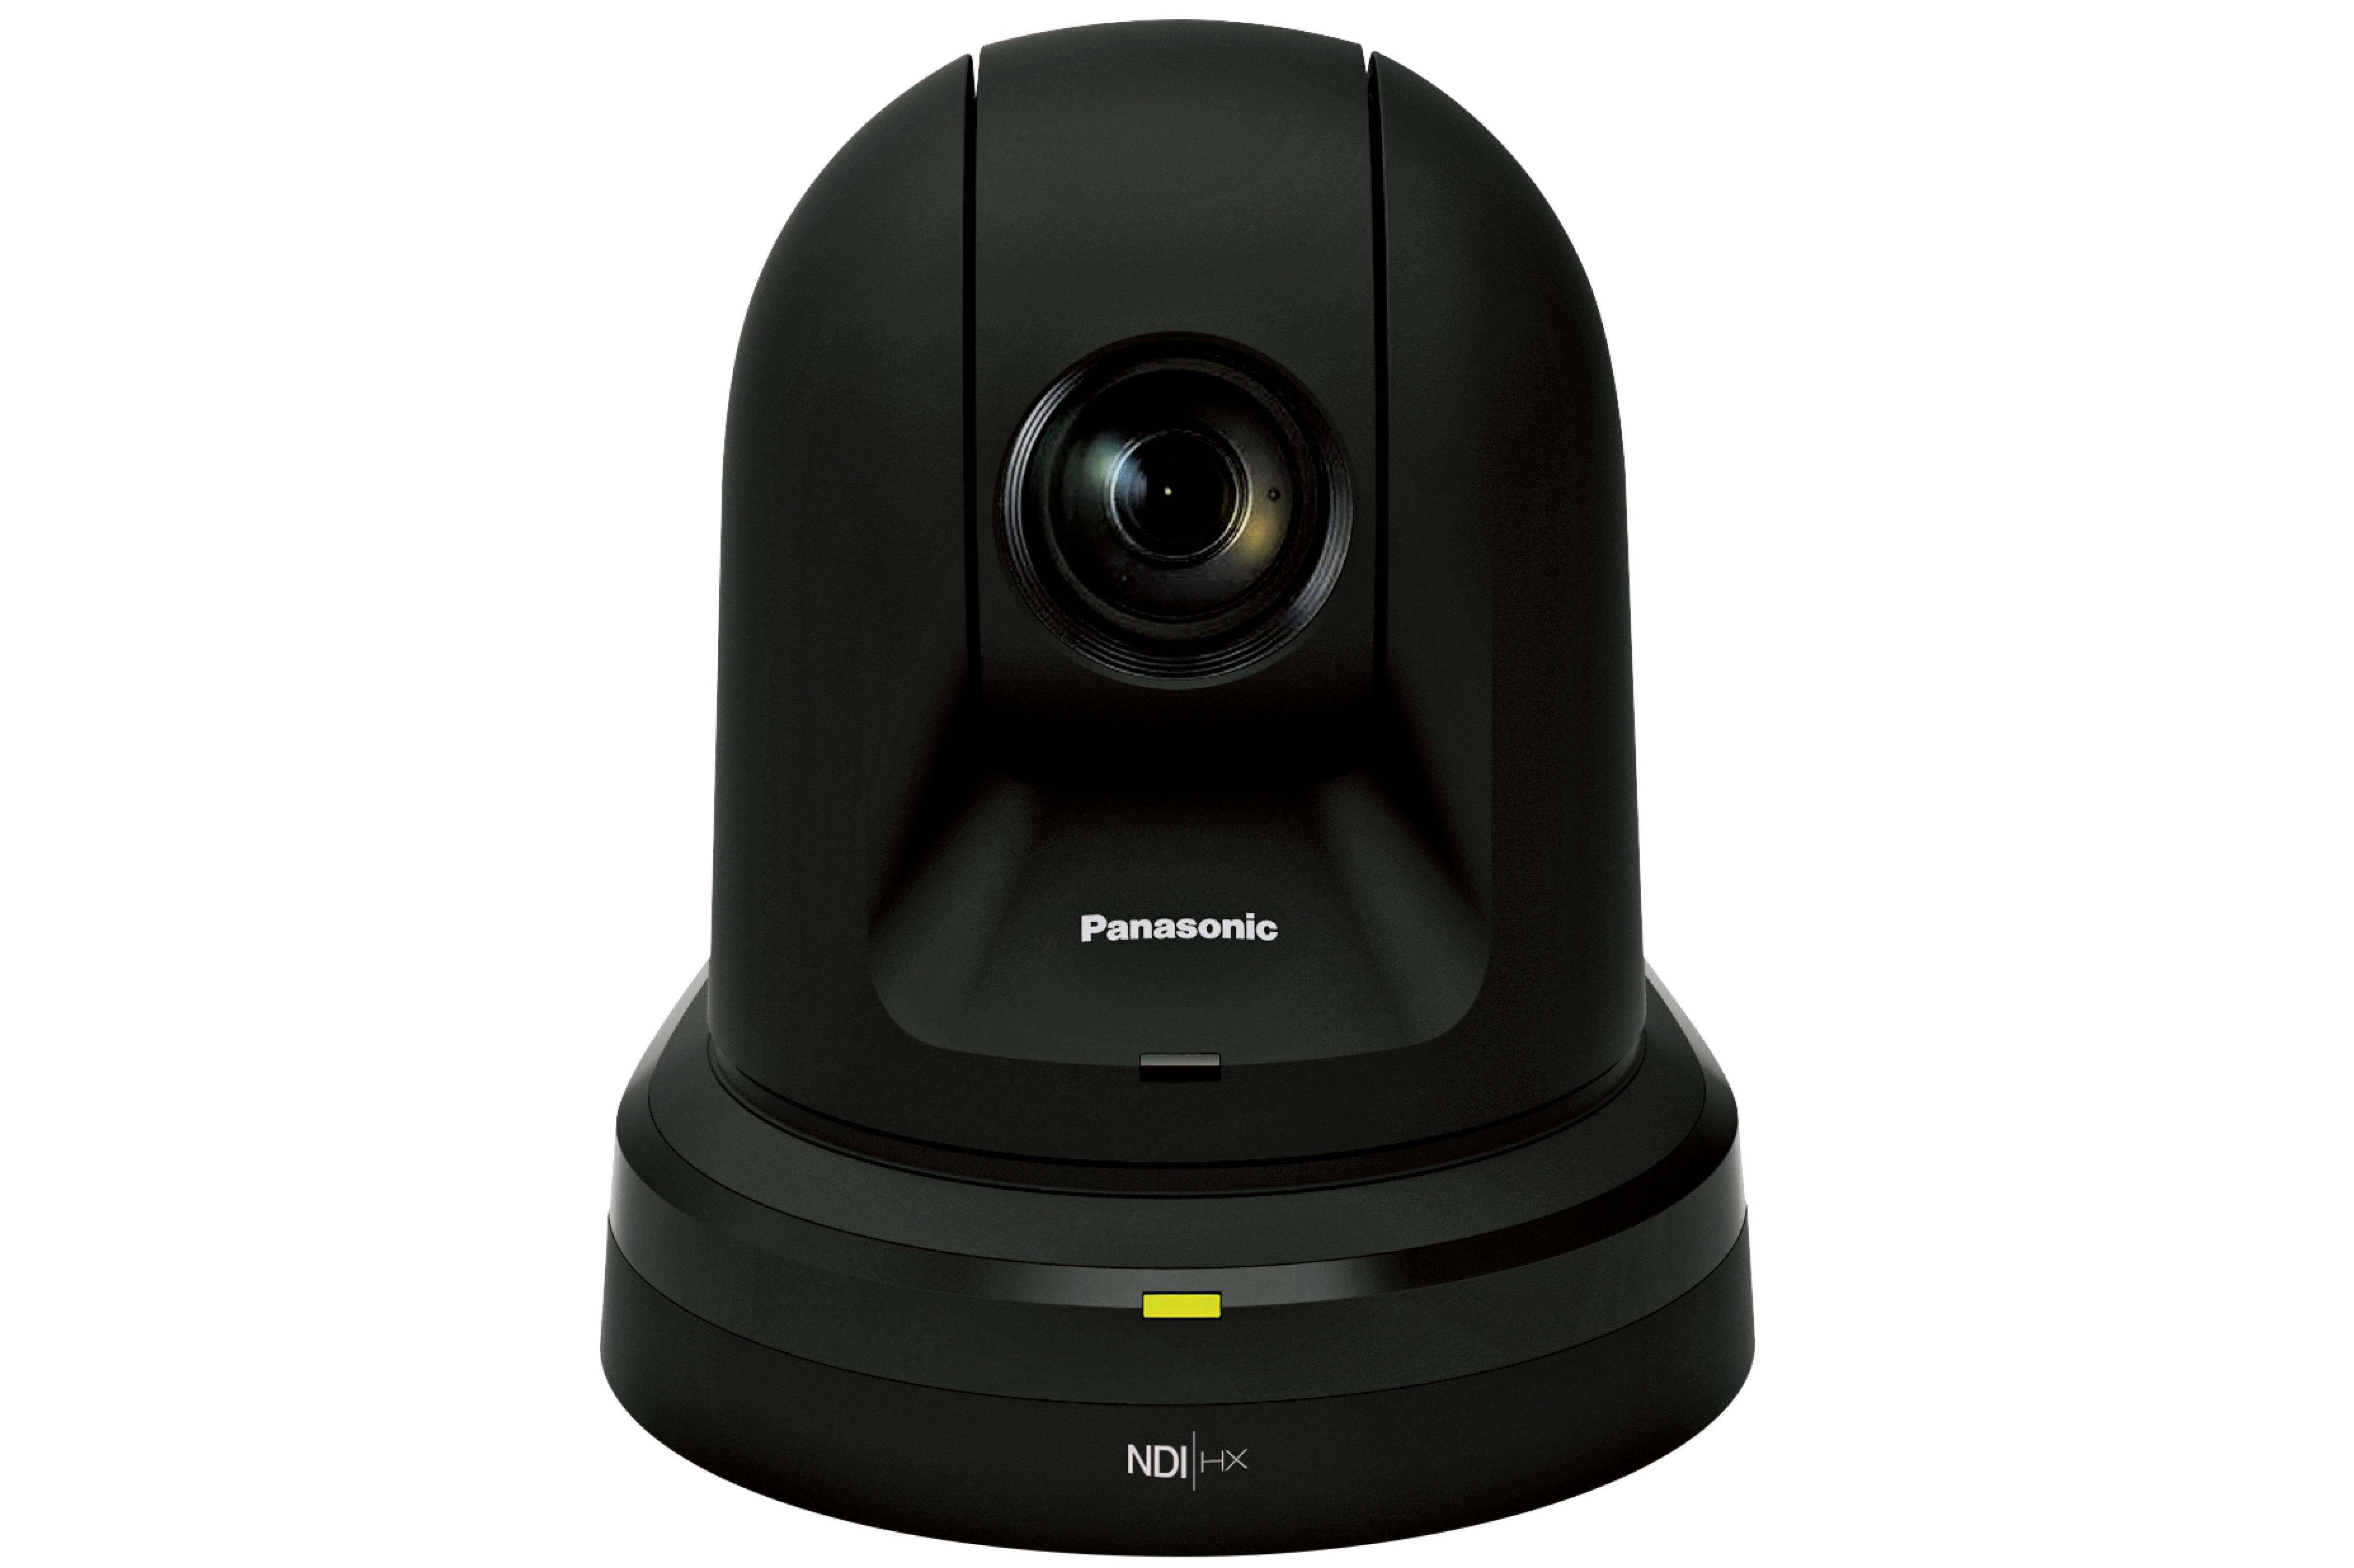 AW-HN40H HD Professional PTZ Camera with NDI®|HX | Panasonic